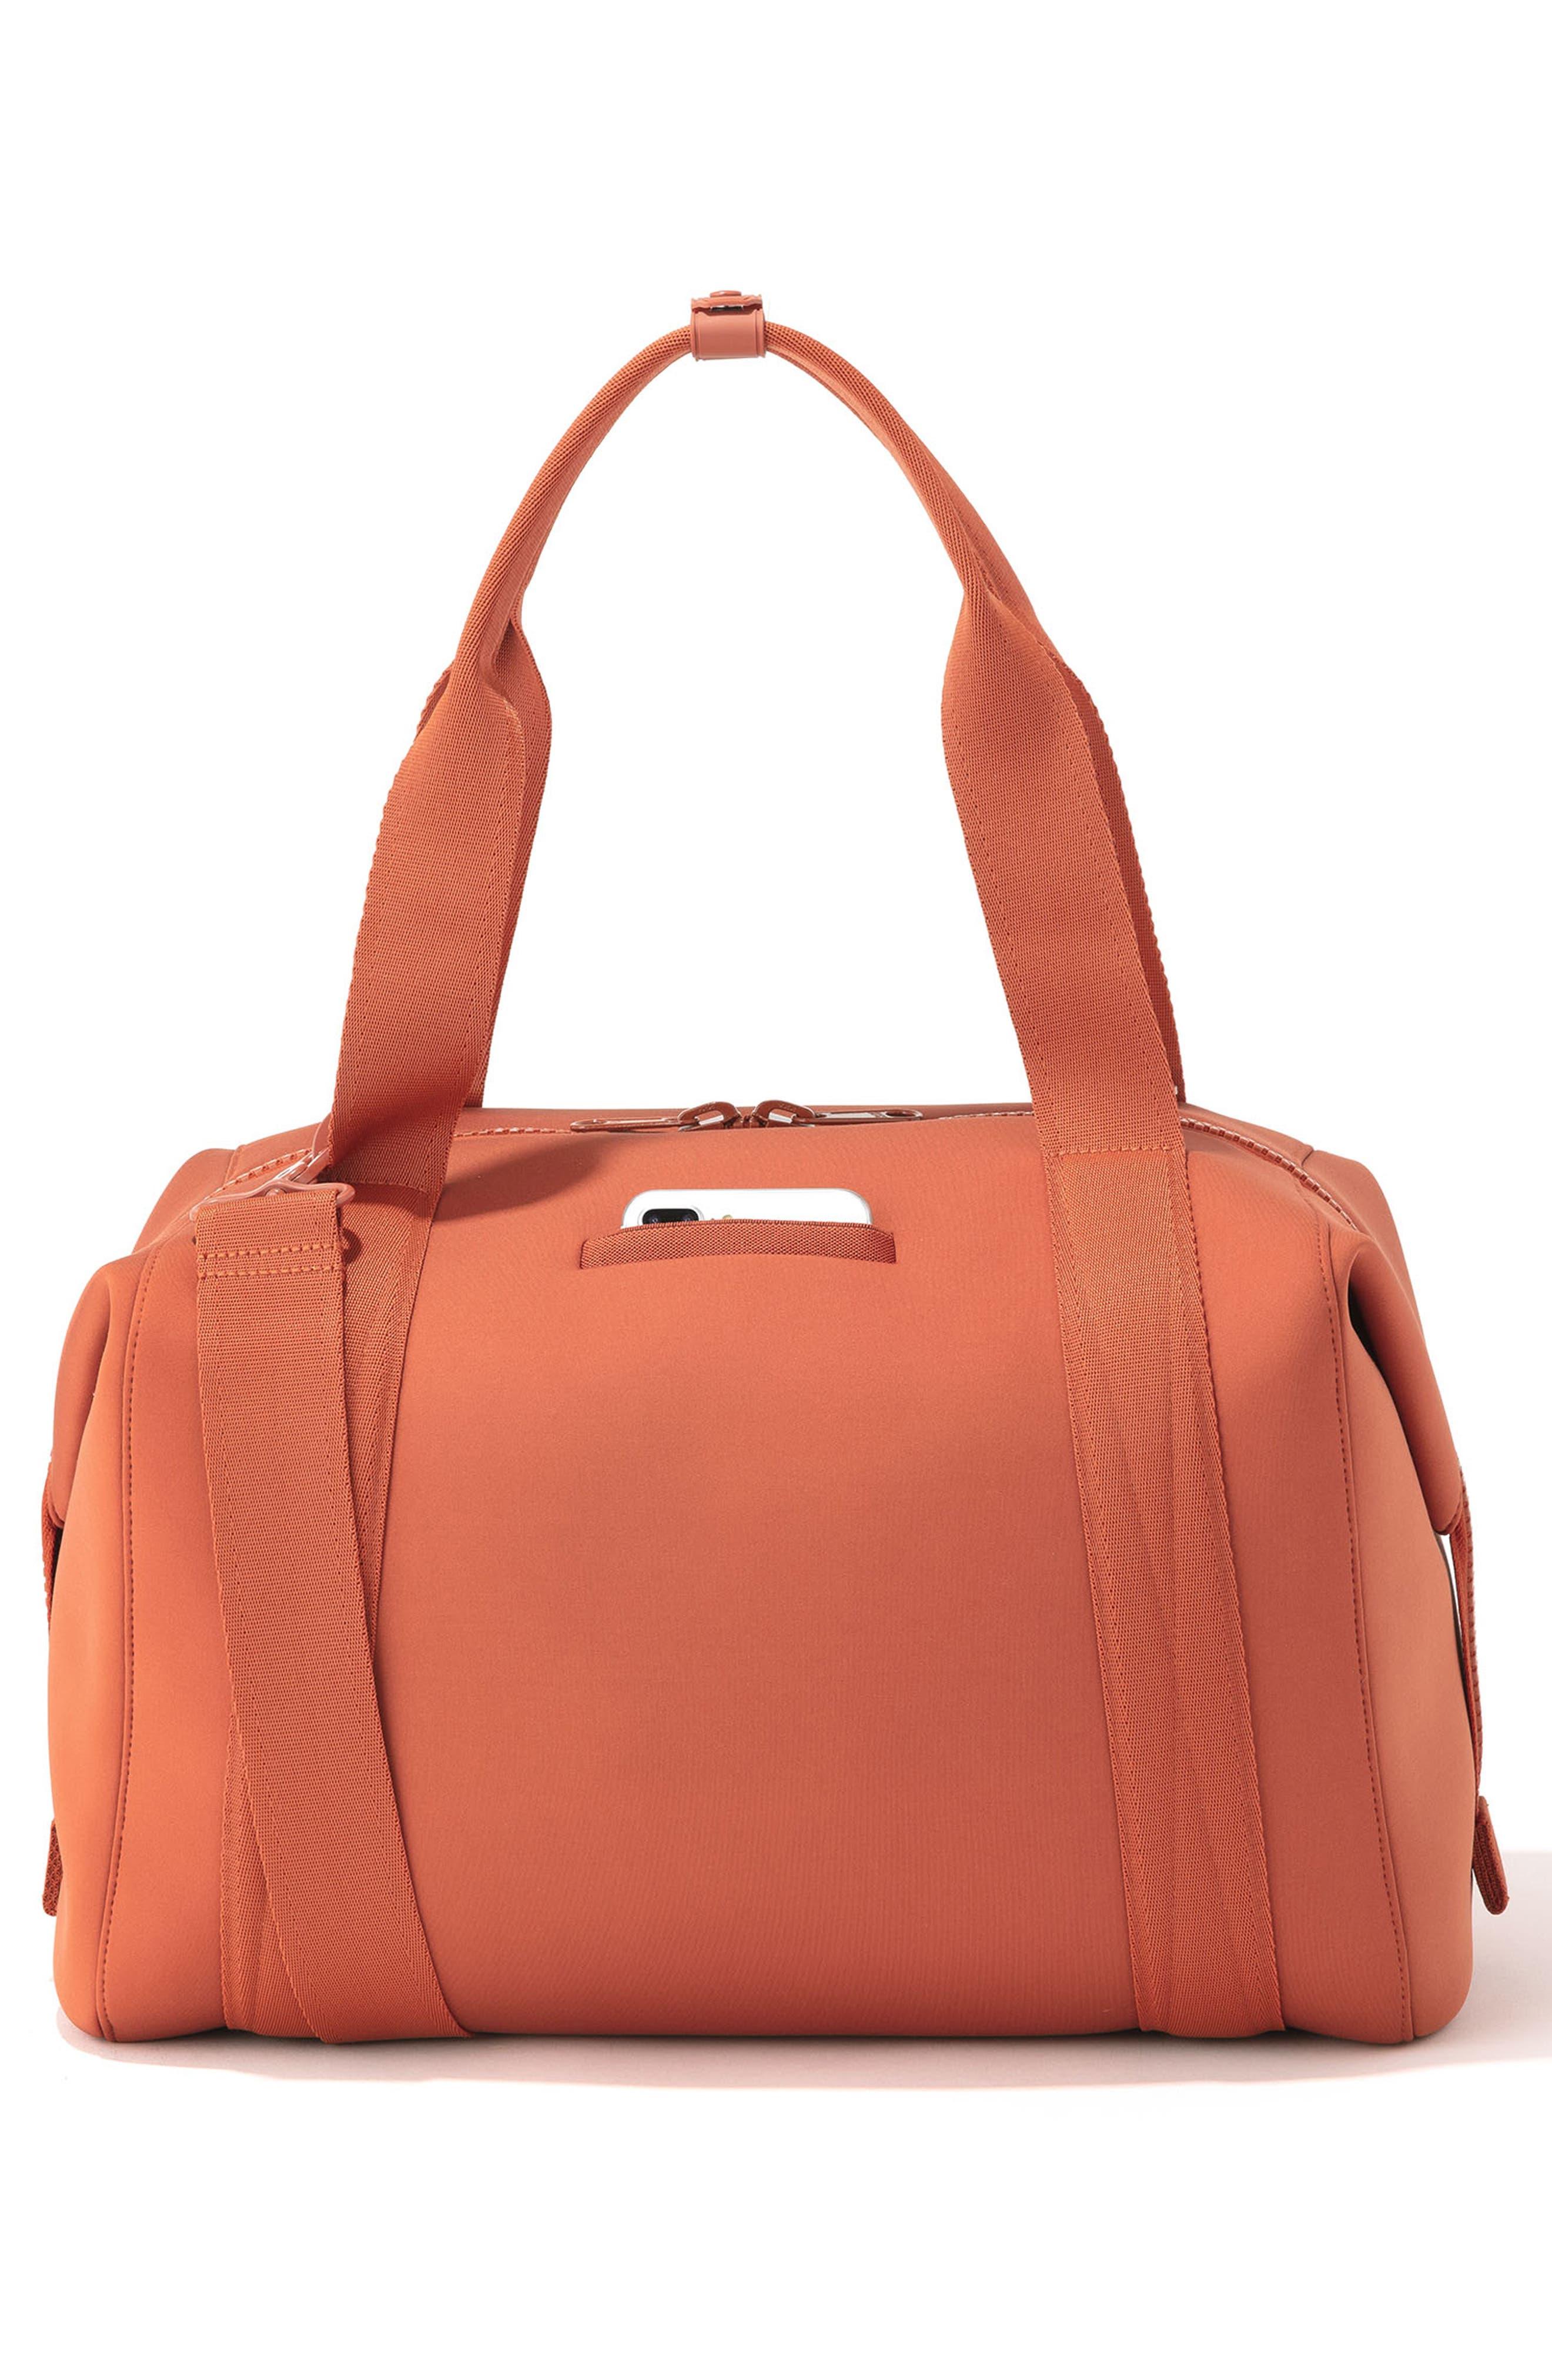 Dagne Wallets Handbagsamp; WomenNordstrom Dover For v0ynN8wOmP